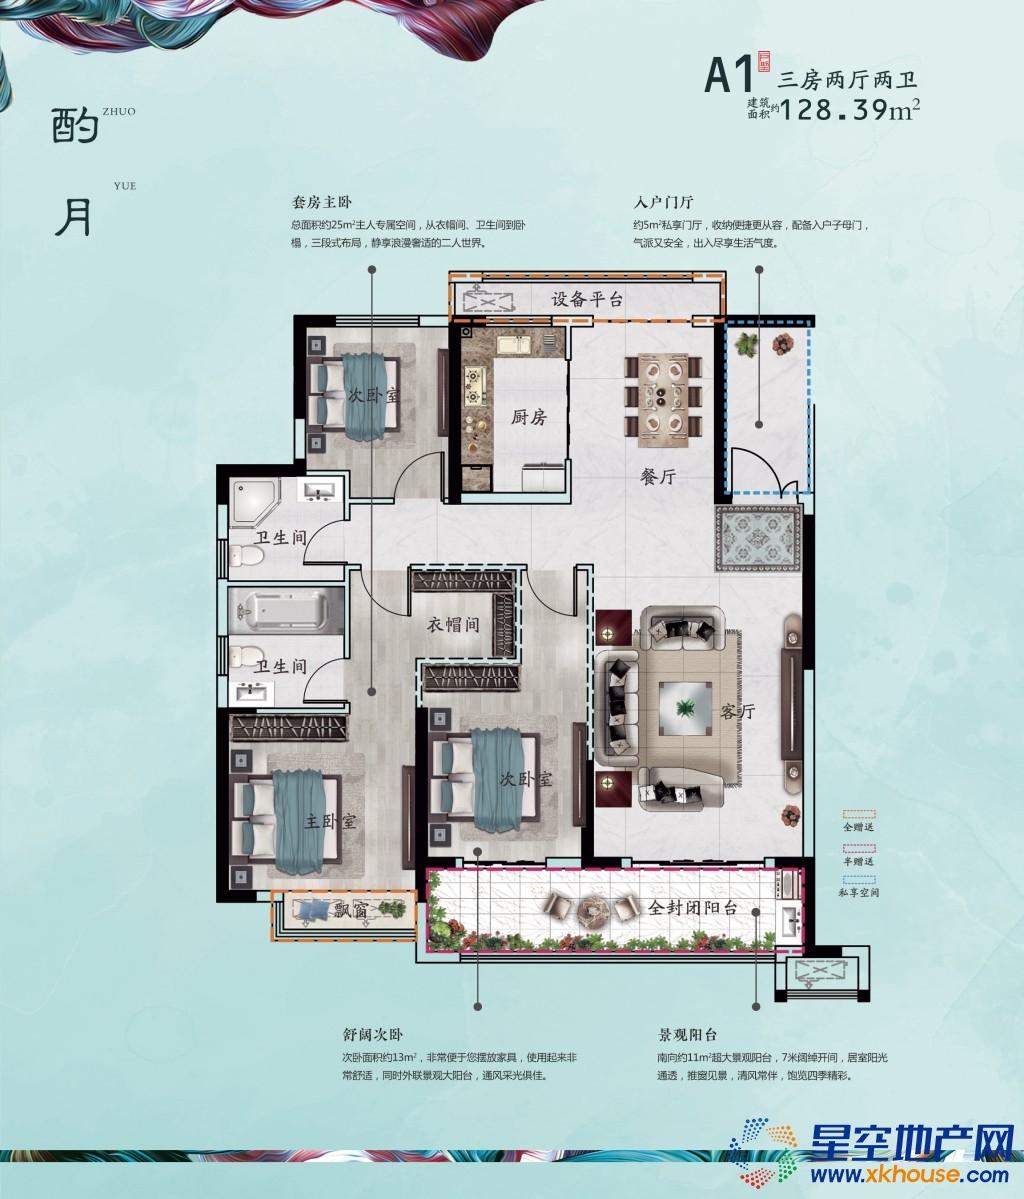 可津海棠湾_3室2厅2卫1厨